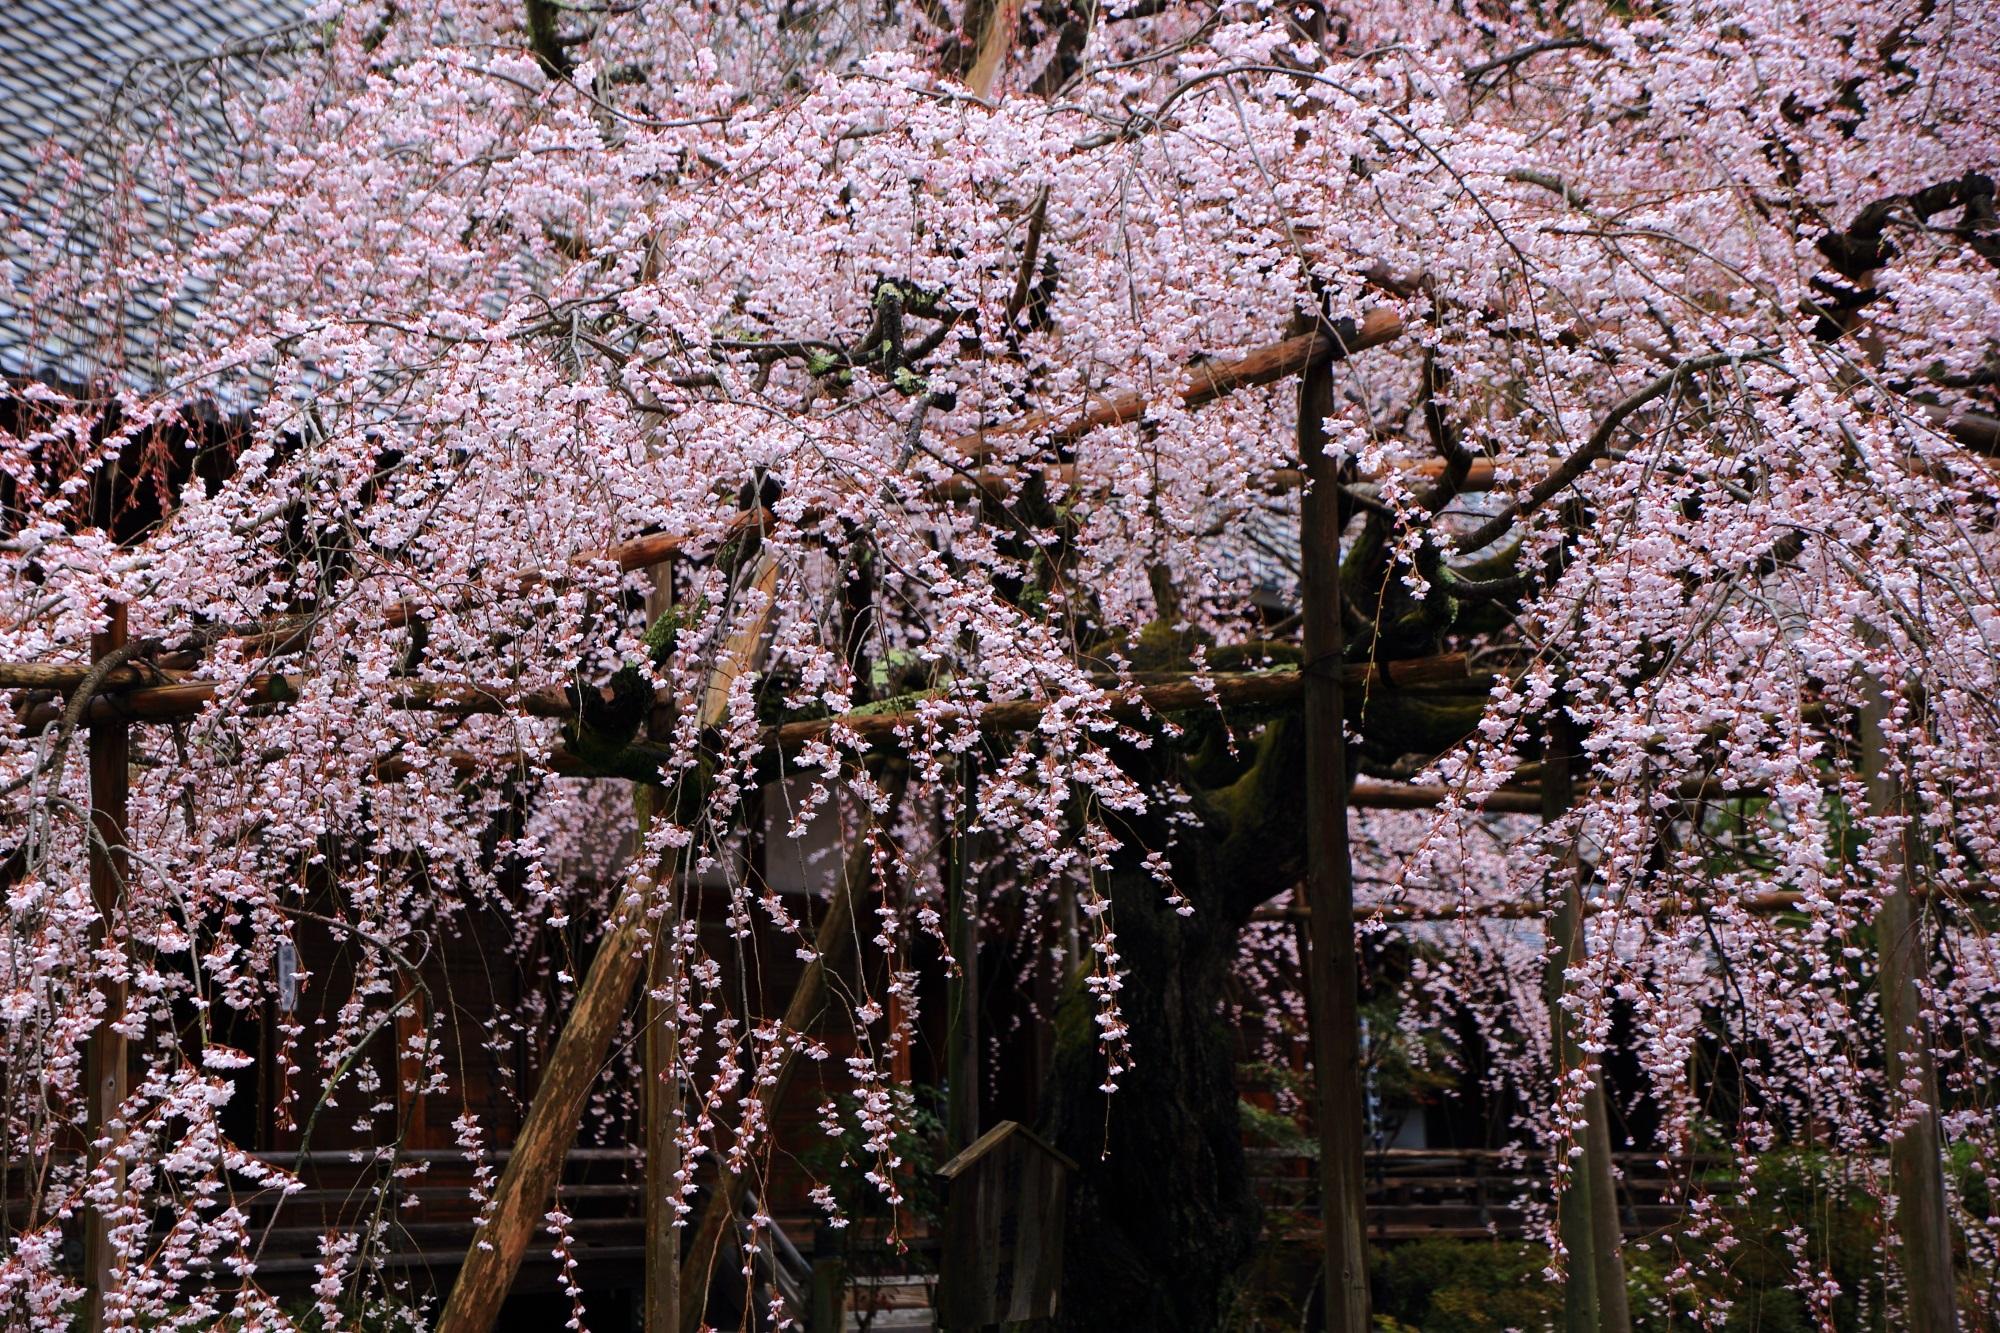 繊細で可憐な花びらをした般若桜(はんにゃざくら)